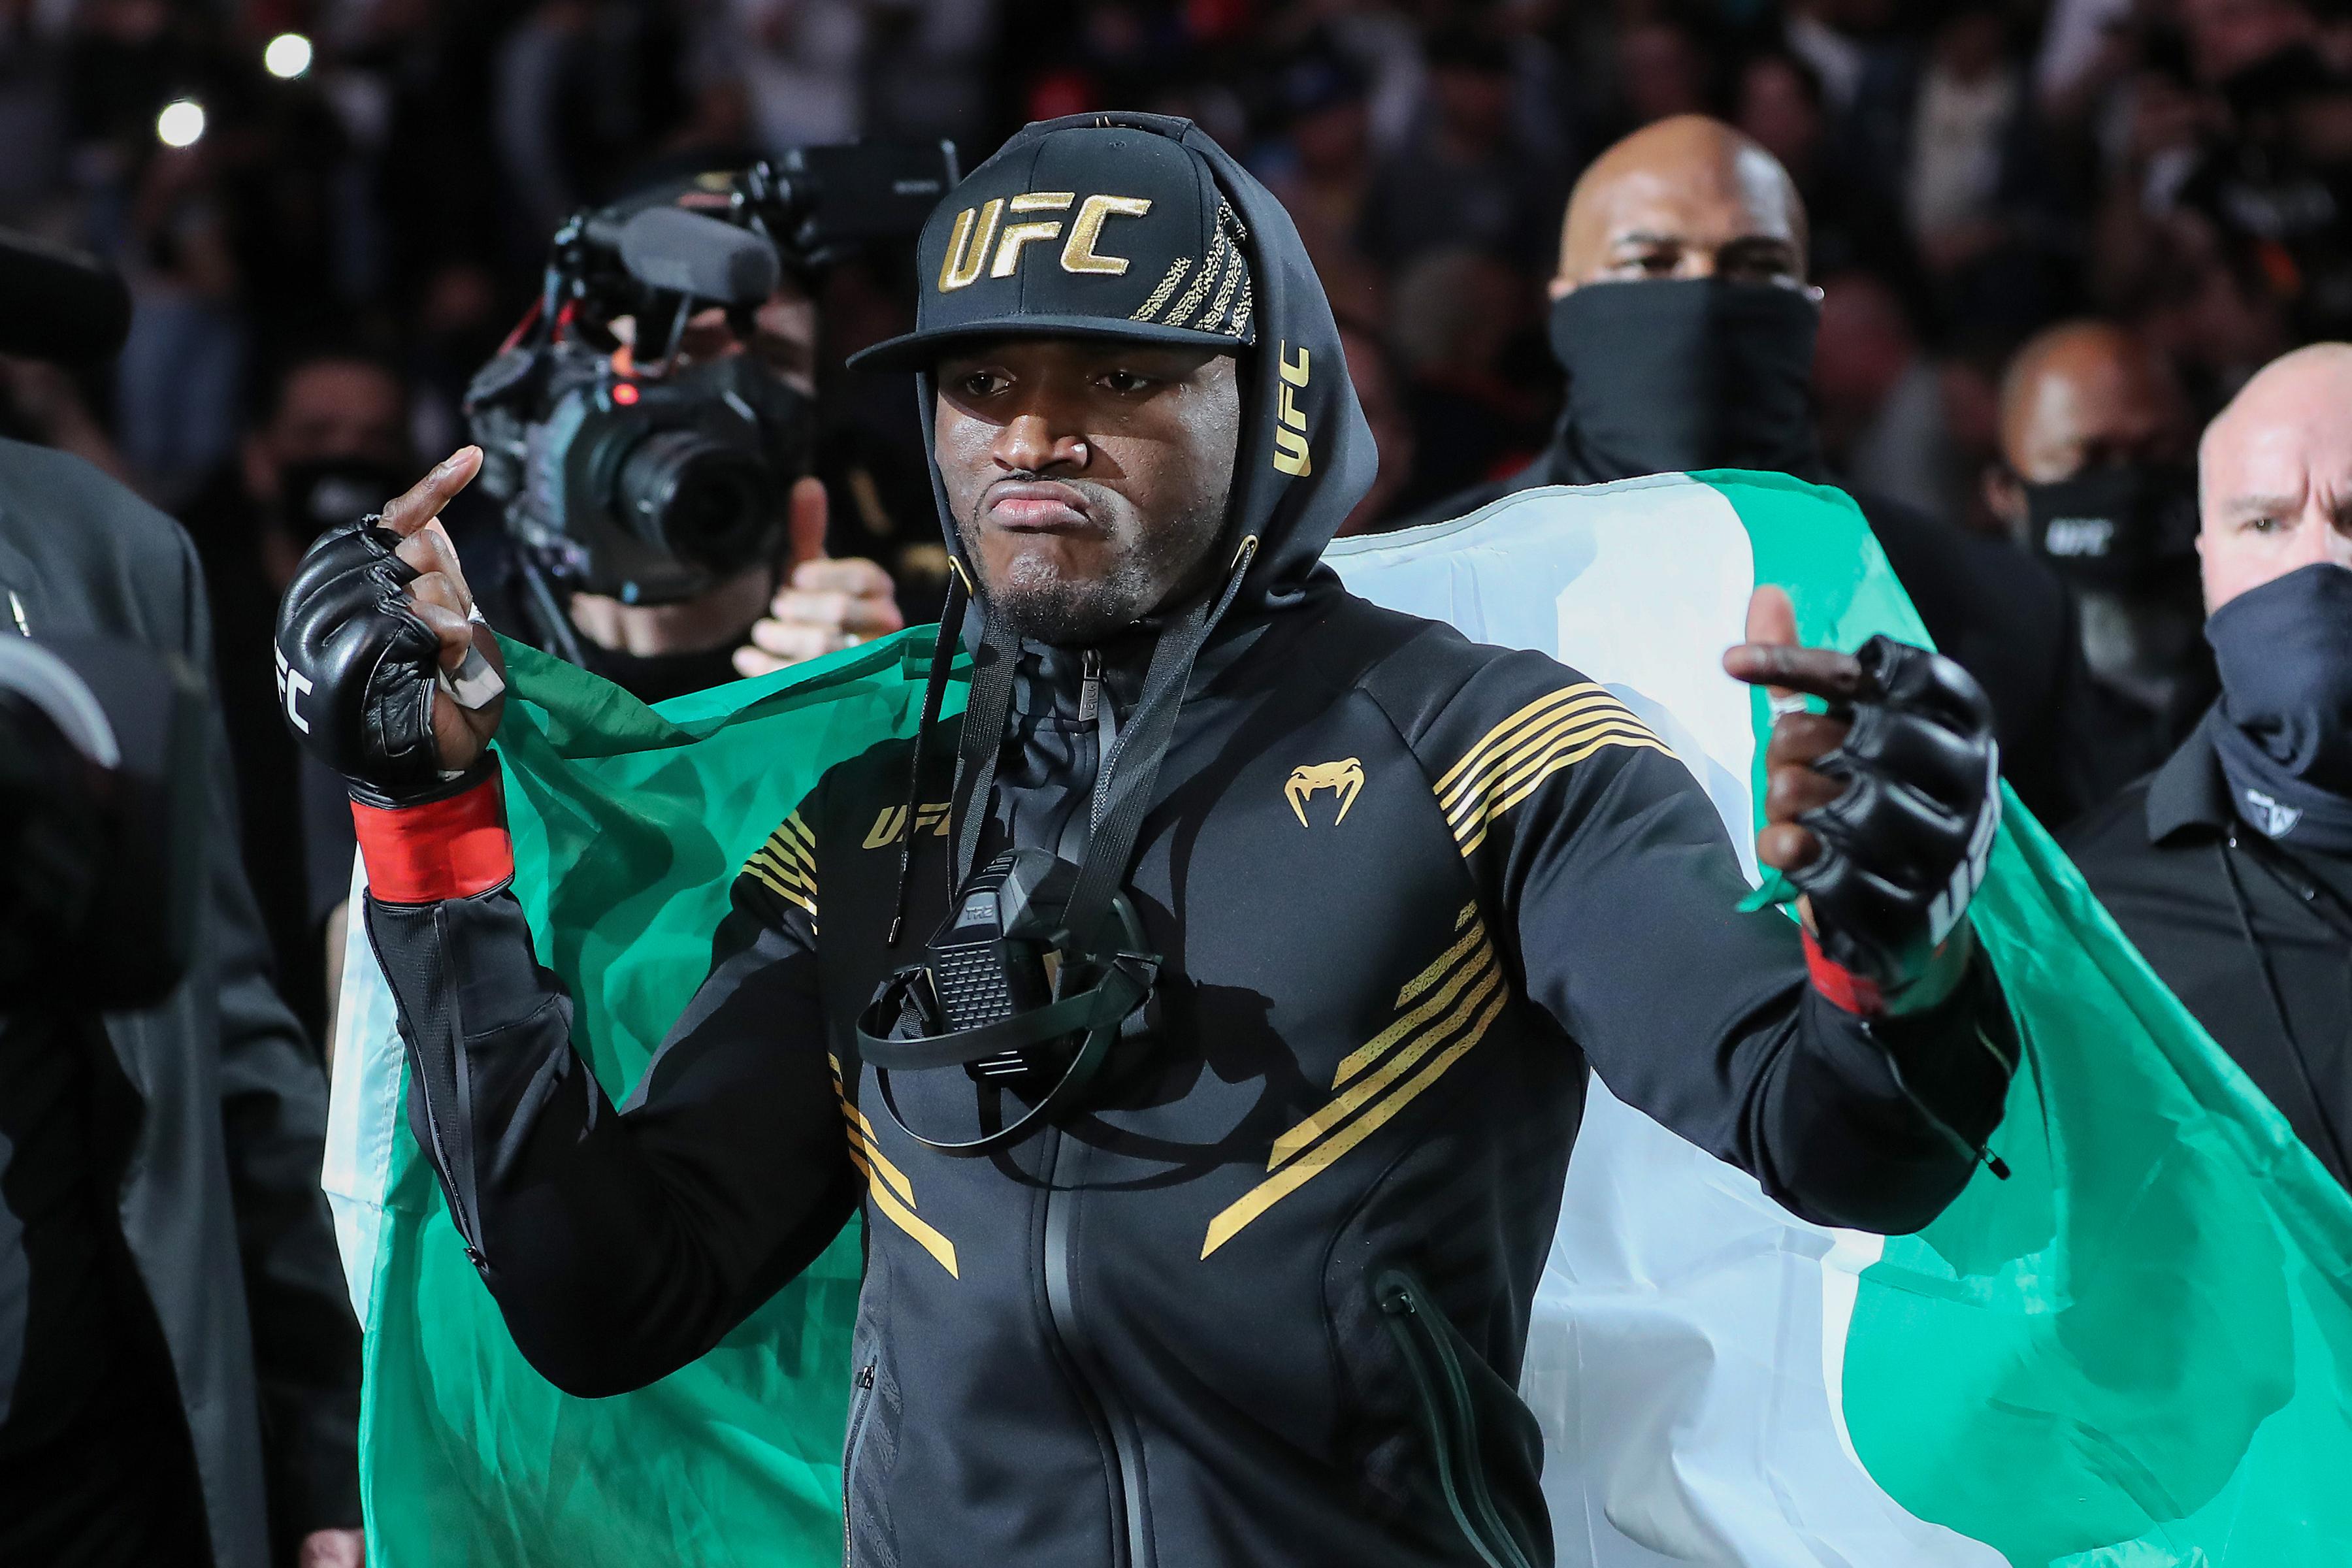 UFC 261: Kamaru Usman v Jorge Masvidal 2